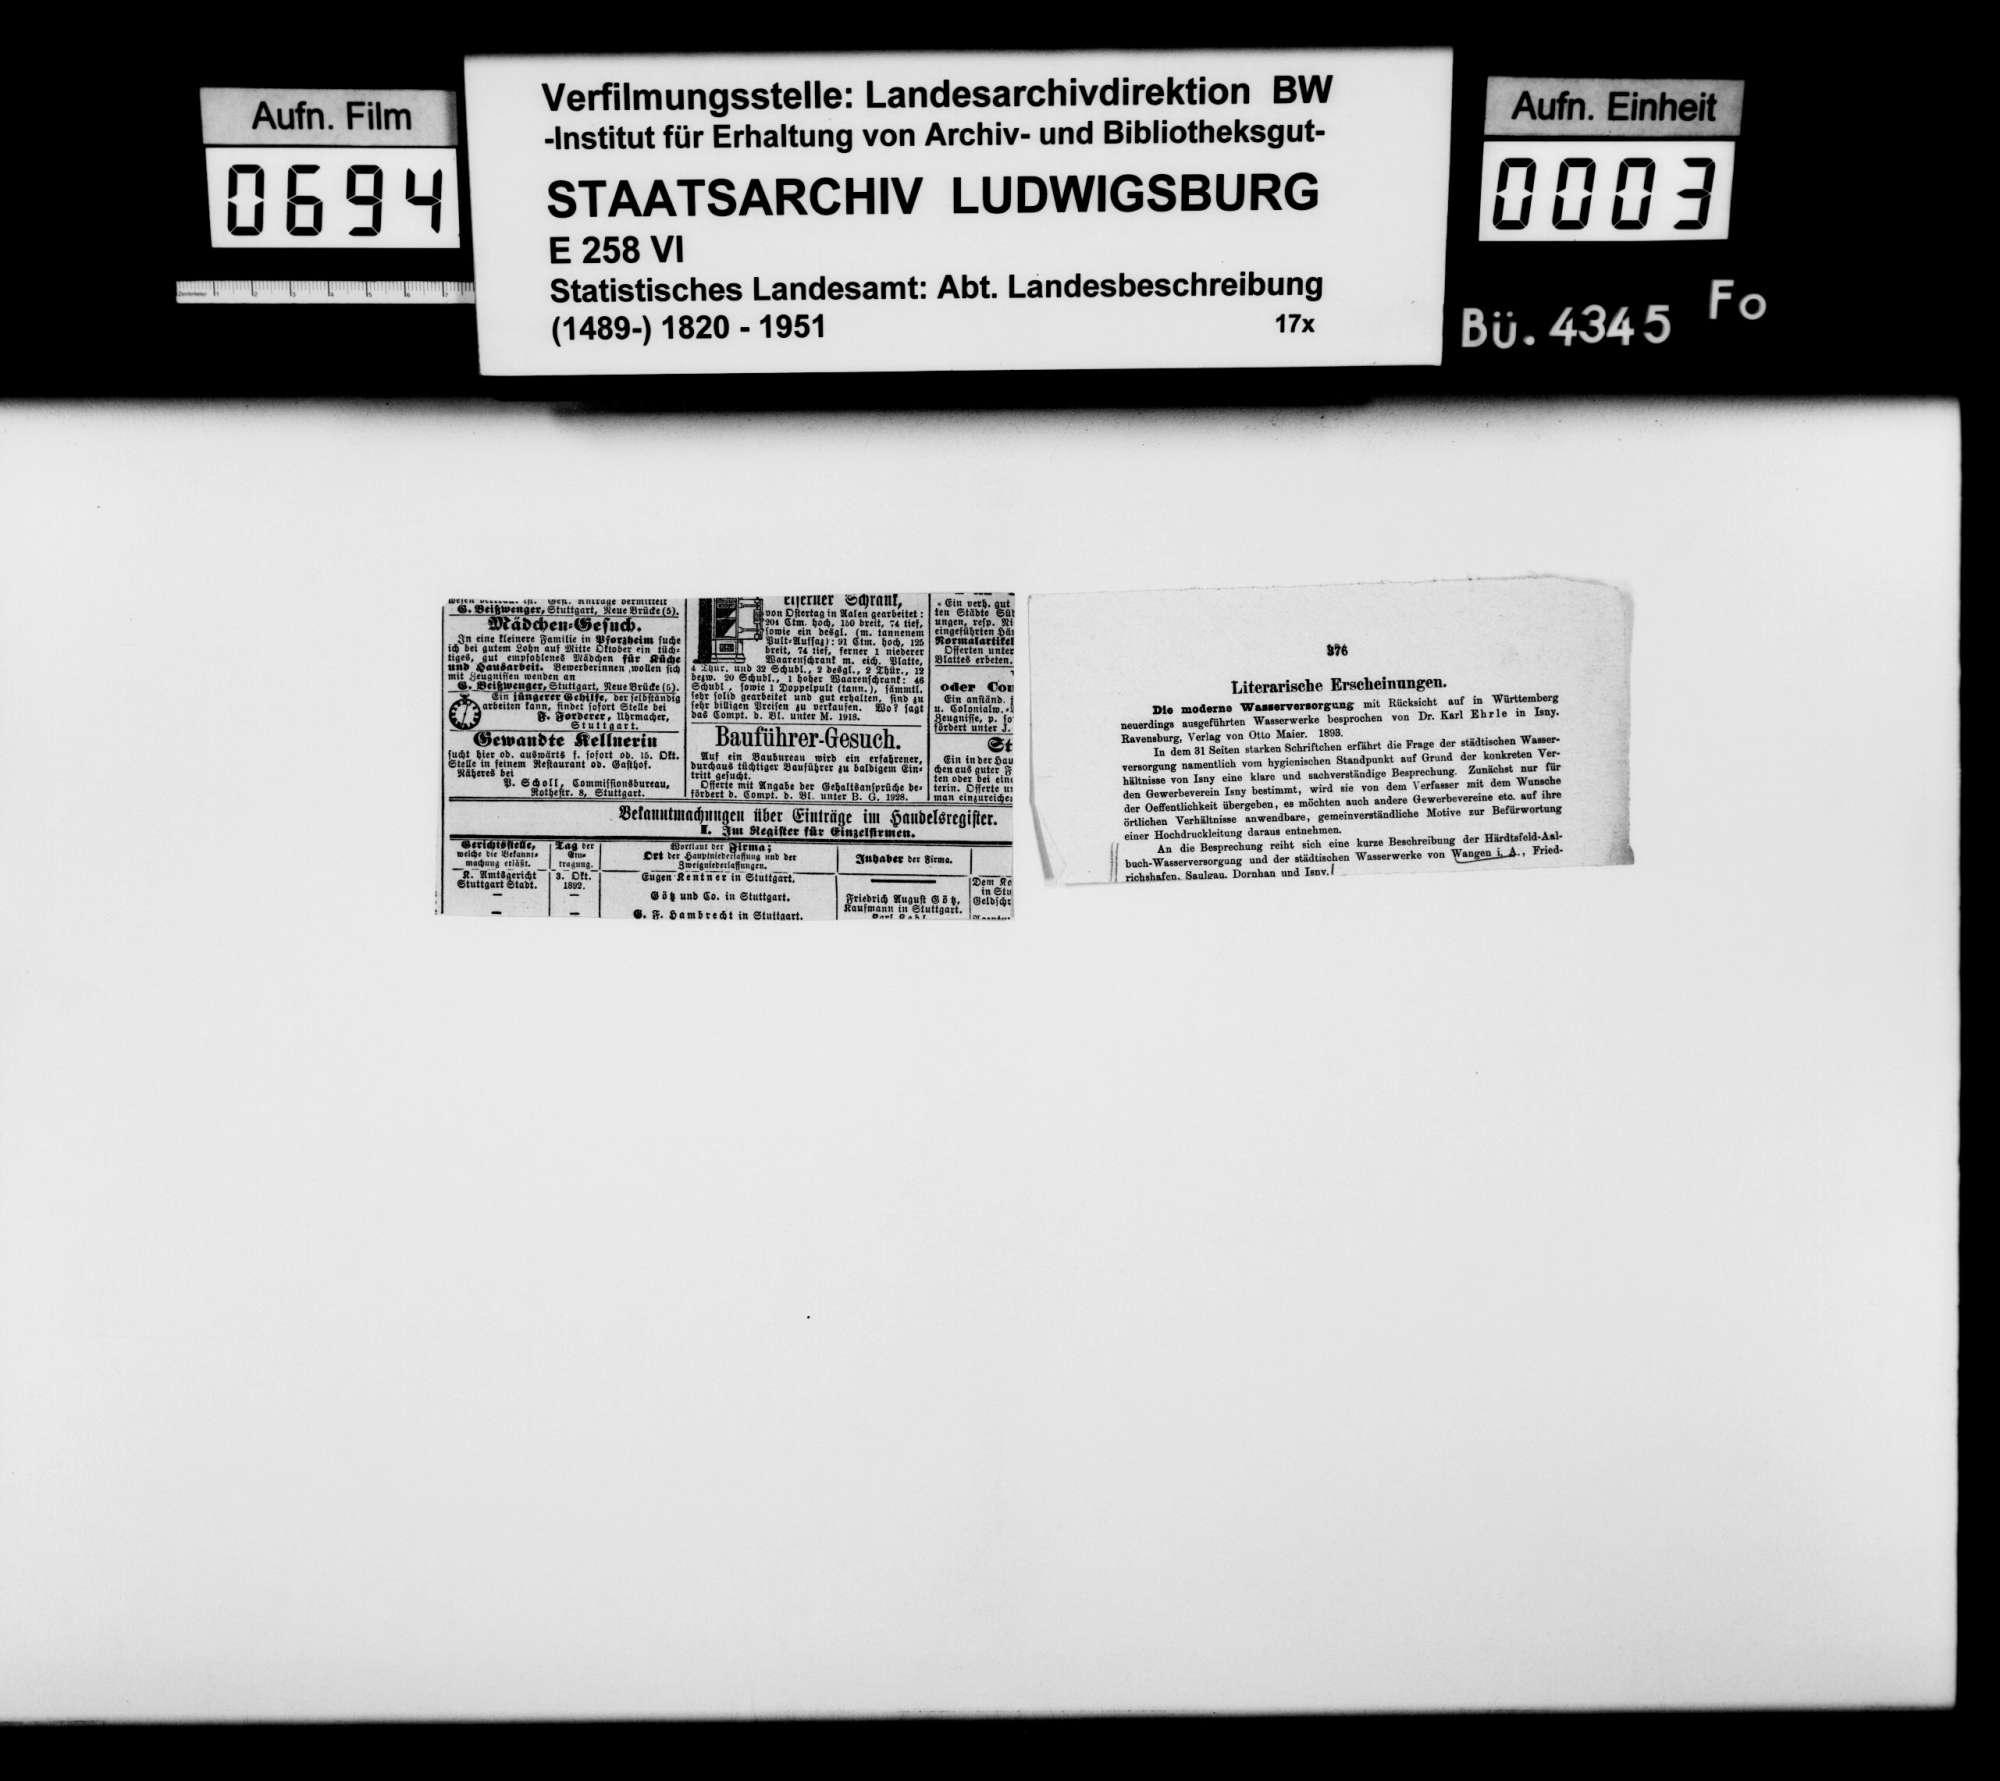 Sammlung gedruckten Materials zu einer Neubearbeitung der OAB, Bild 2